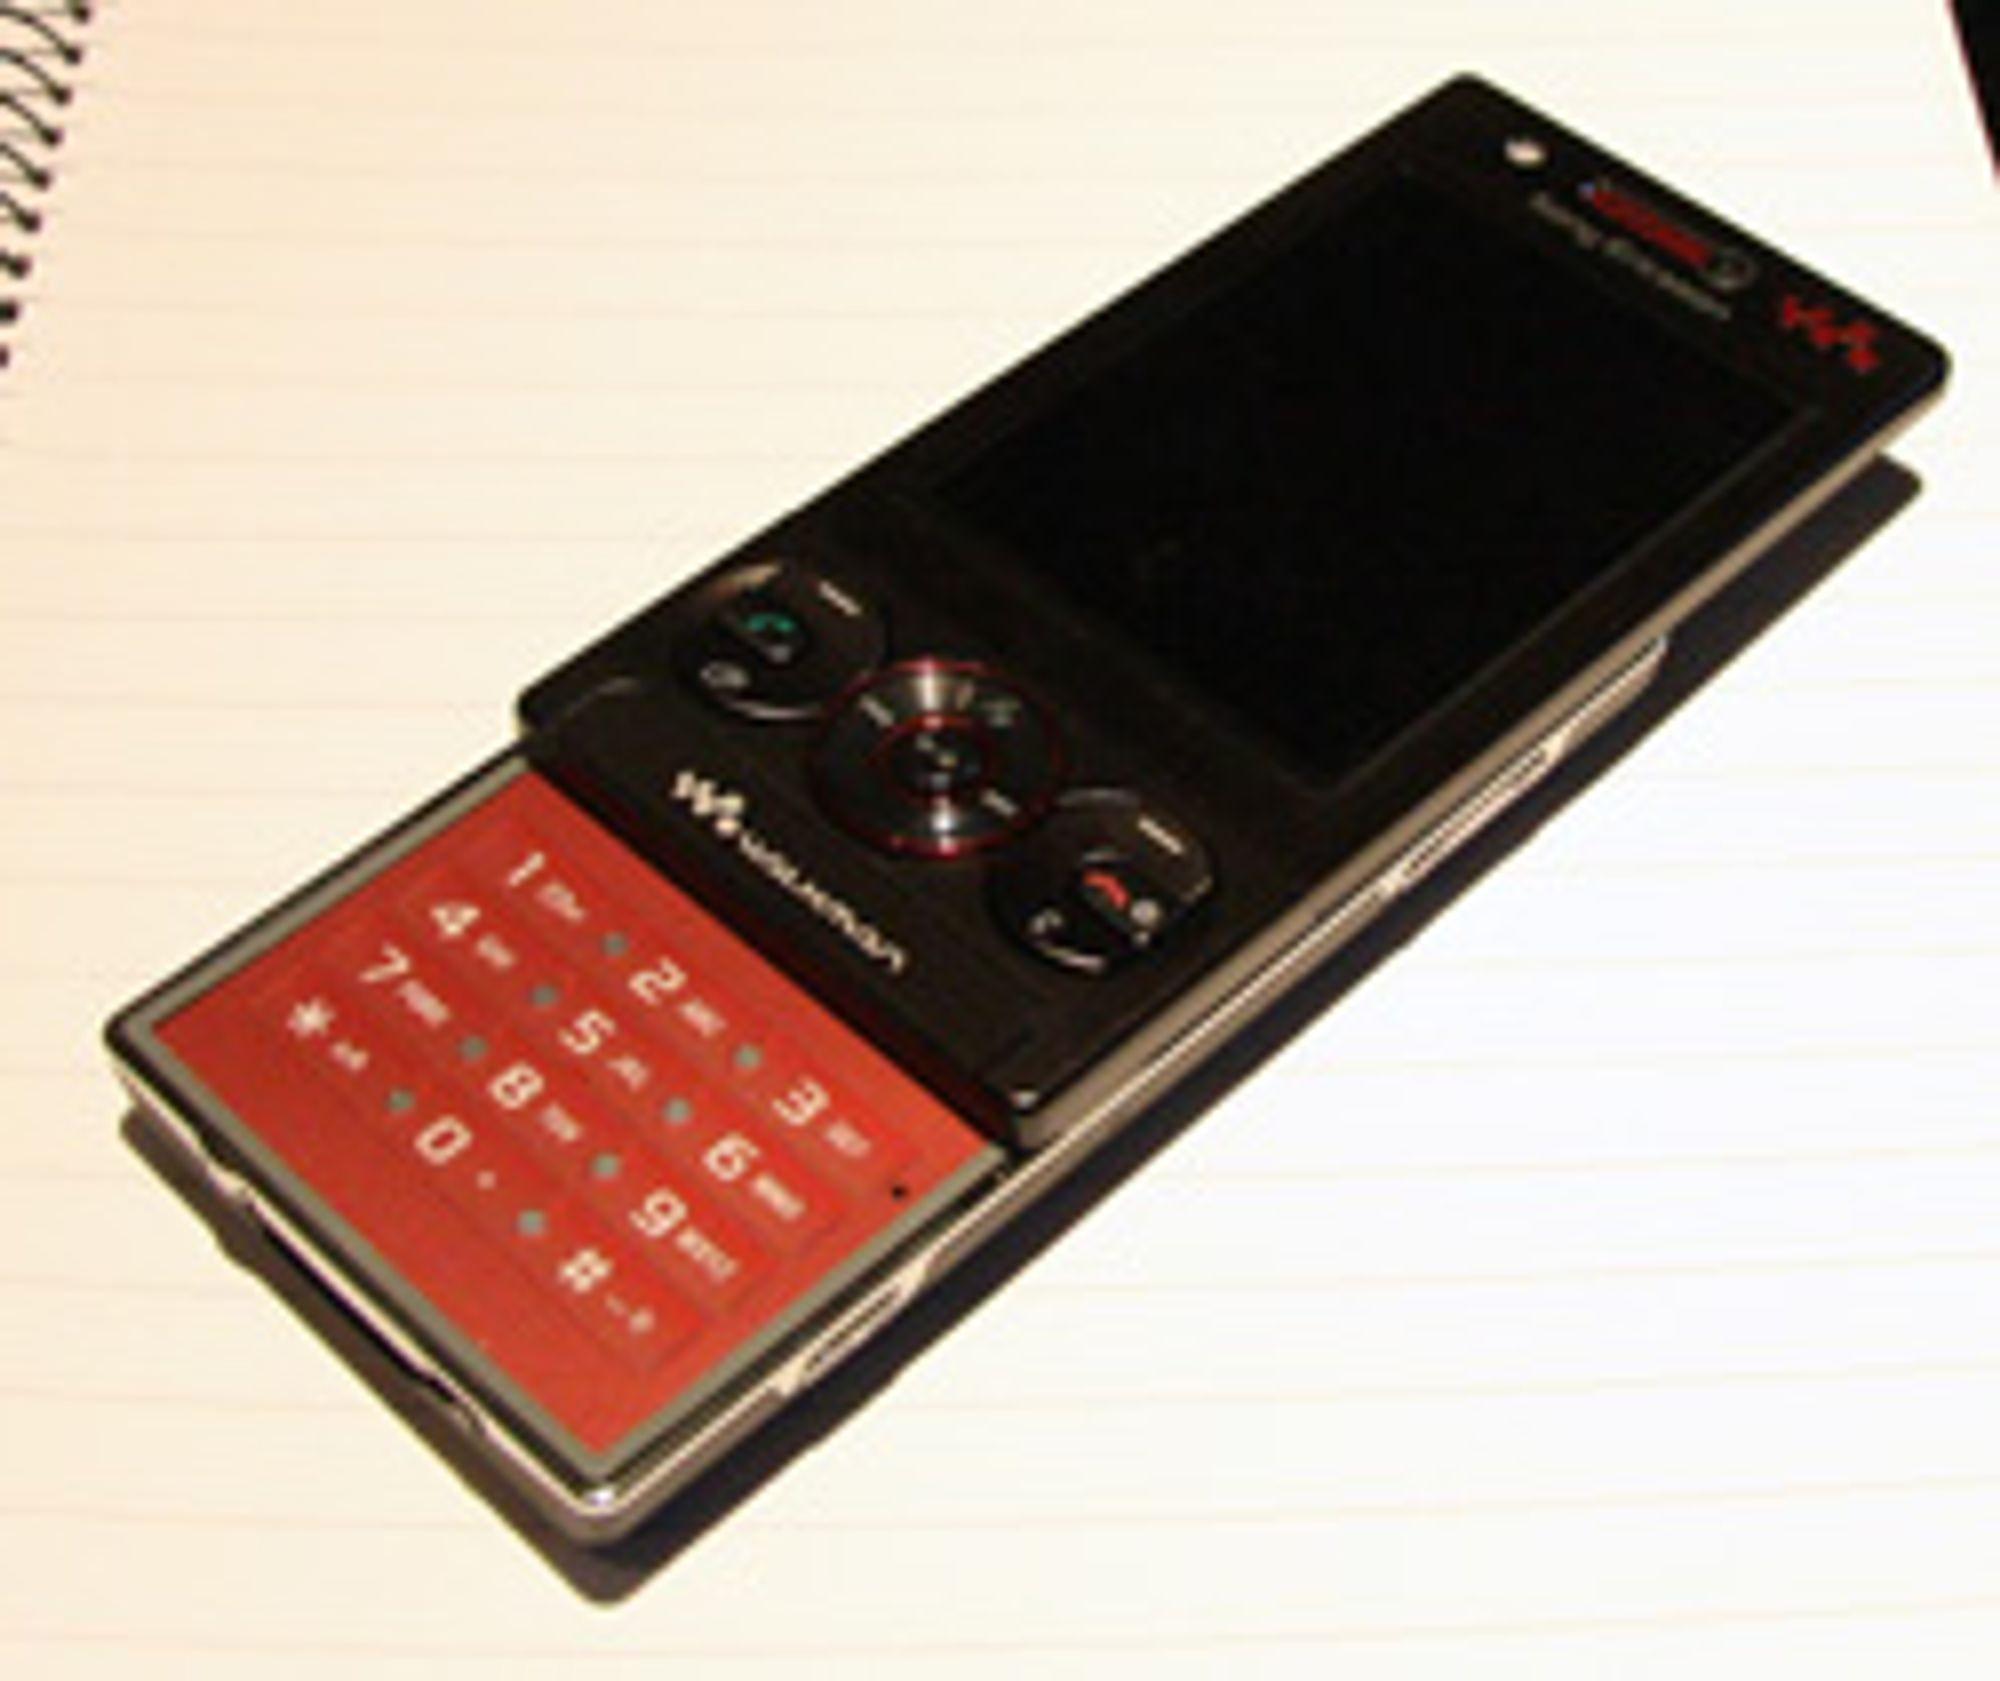 Slik ser W715 ut.